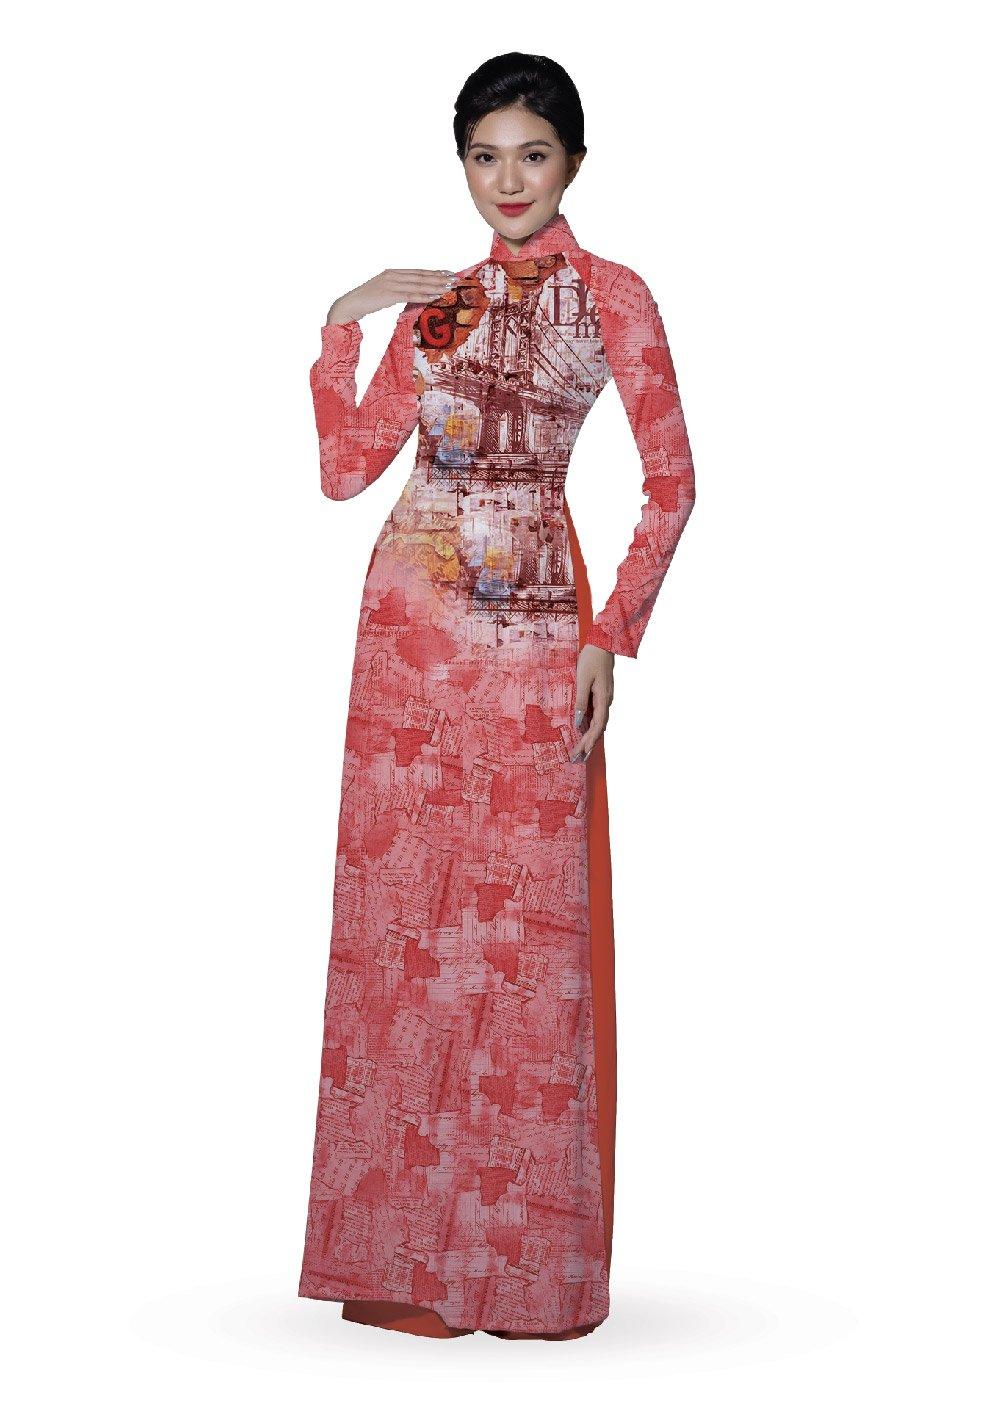 ASBR533-035-DR3 | Vải Áo Dài Hoa Văn In